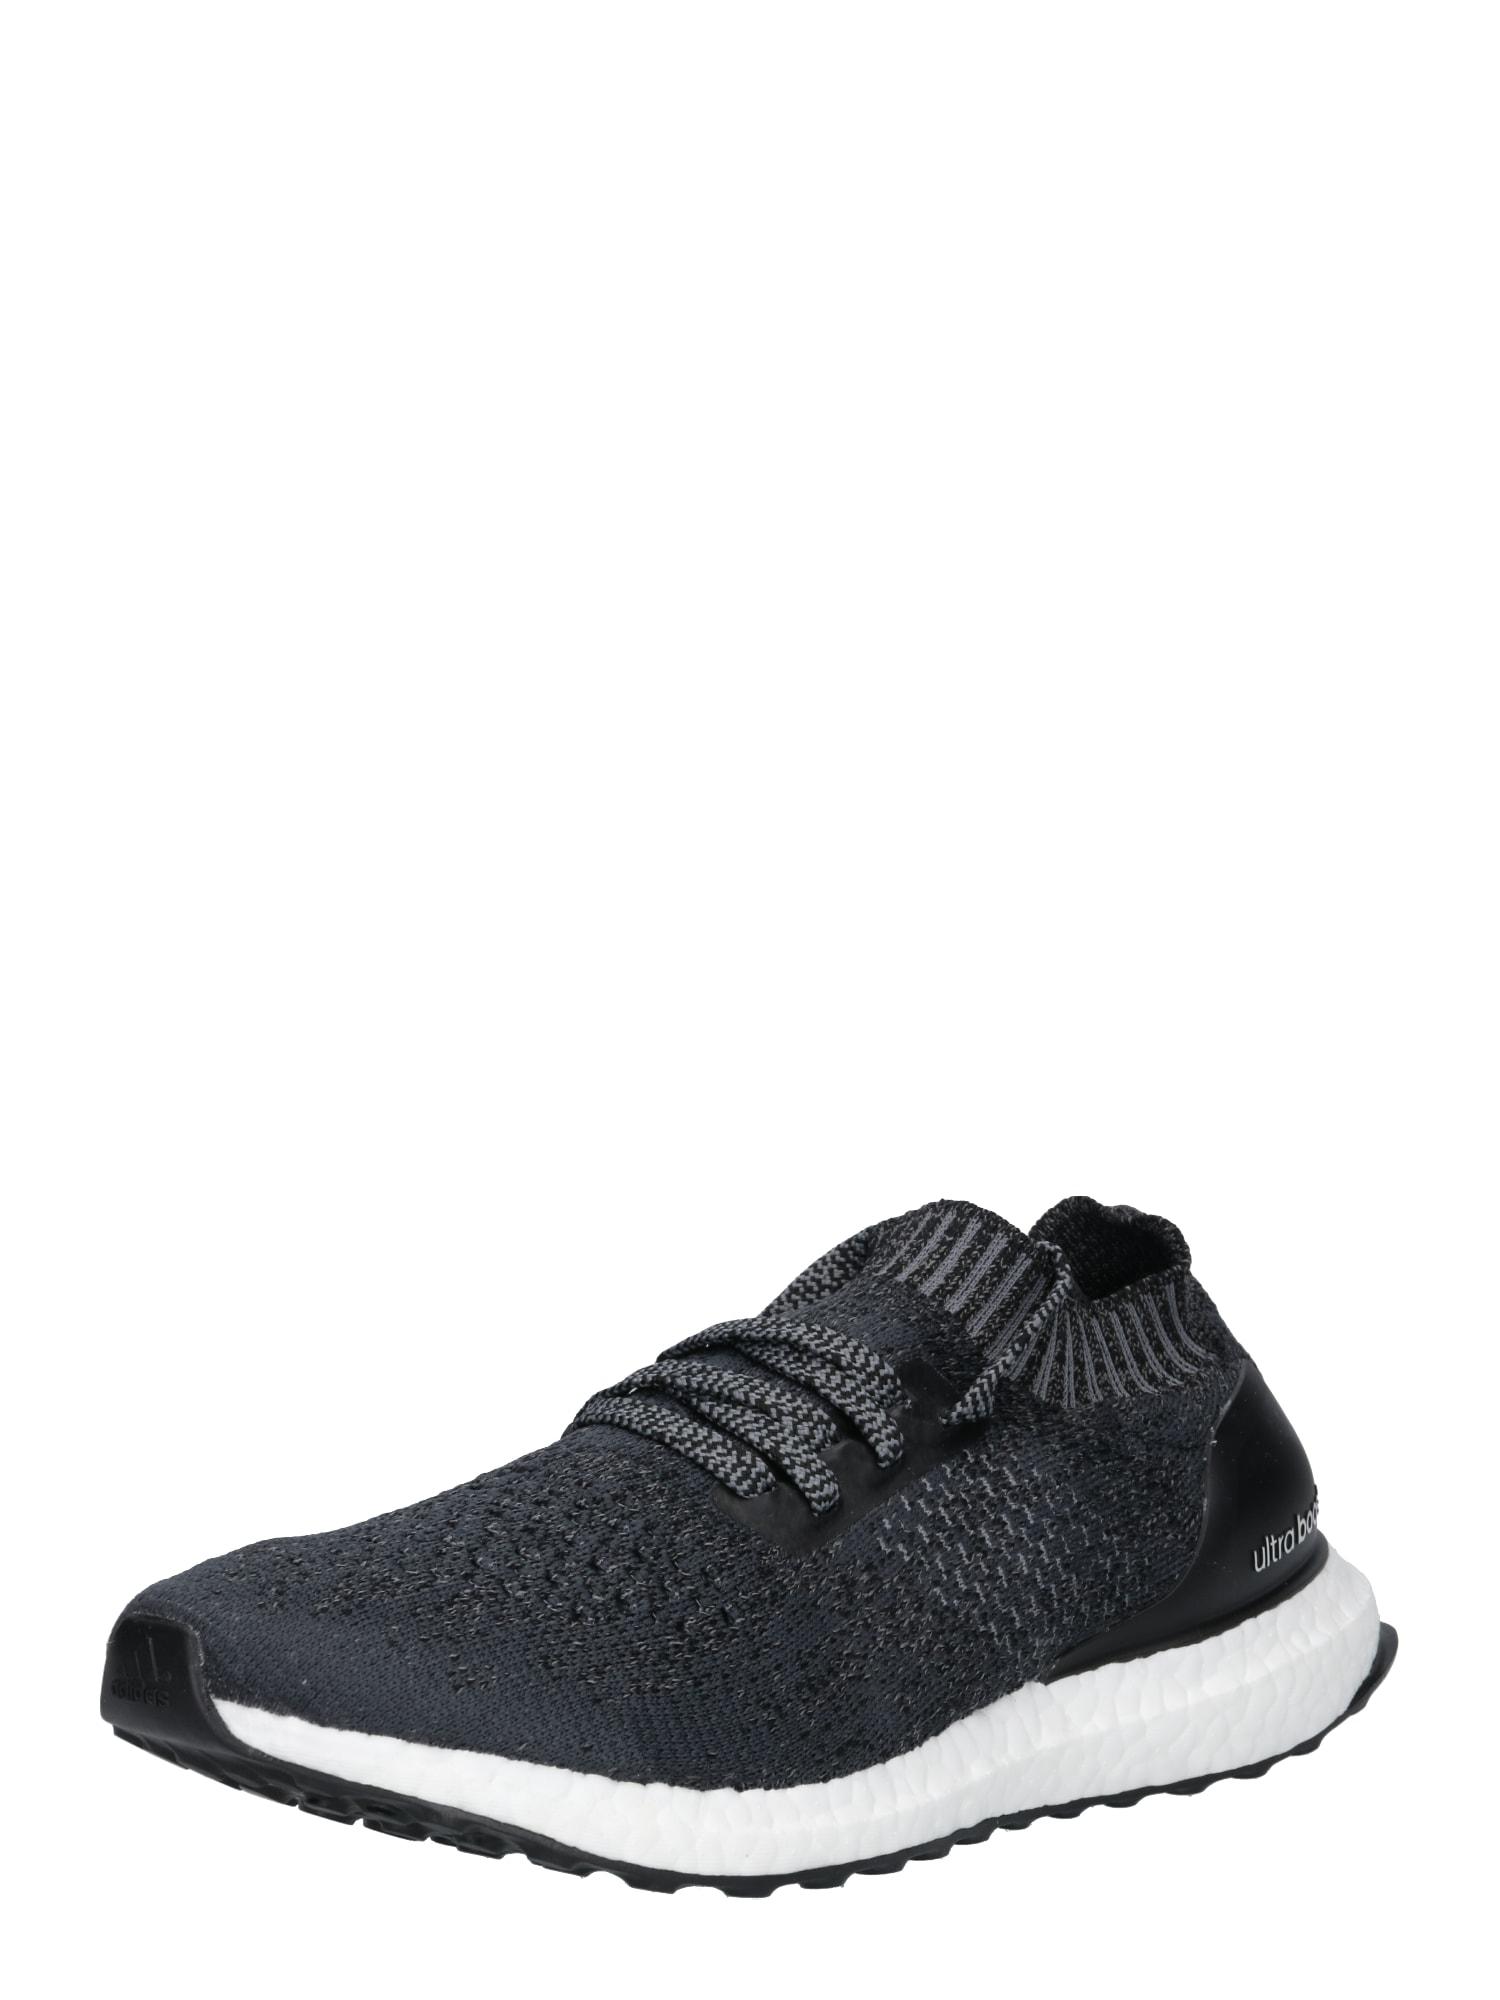 Sportovní boty UltraBOOST Uncaged tmavě šedá černá ADIDAS PERFORMANCE